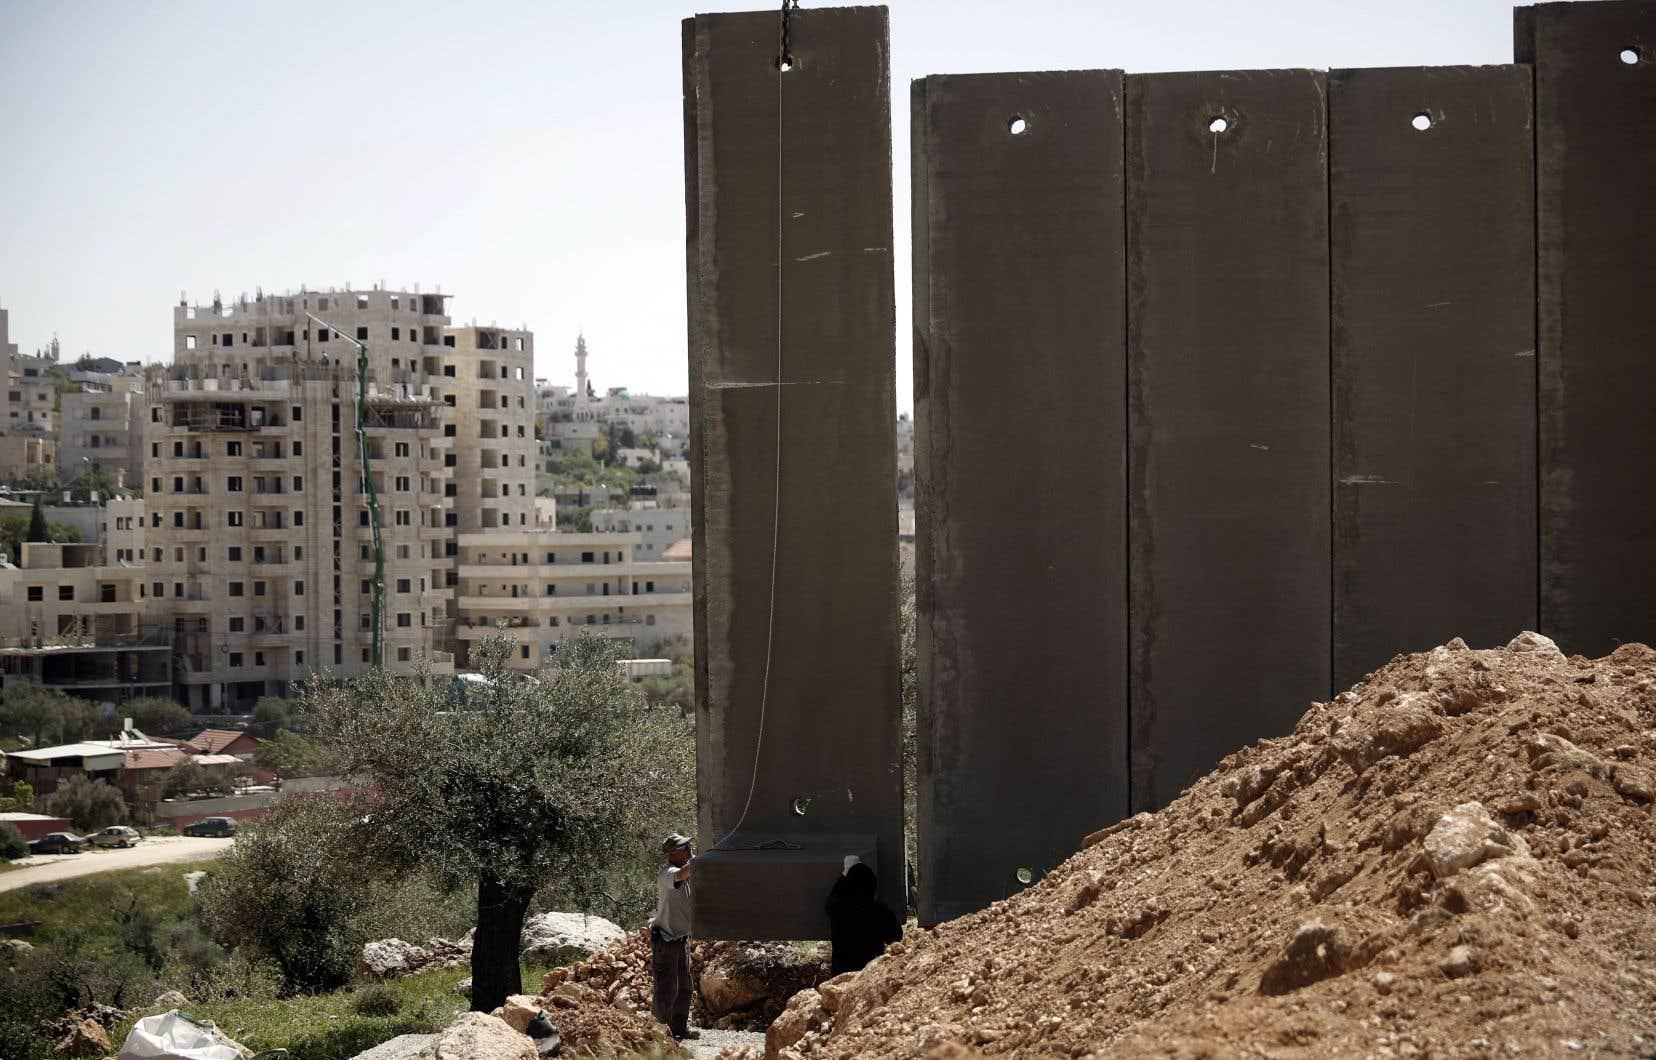 «Il est vrai que les Juifs israéliens se sont installés sur une terre habitée par un autre. Or, ils ne se sont pas installés en Palestine pour s'enrichir ou accroître leur puissance, ce qui est normalement le but du colonialisme», écrit l'auteur.